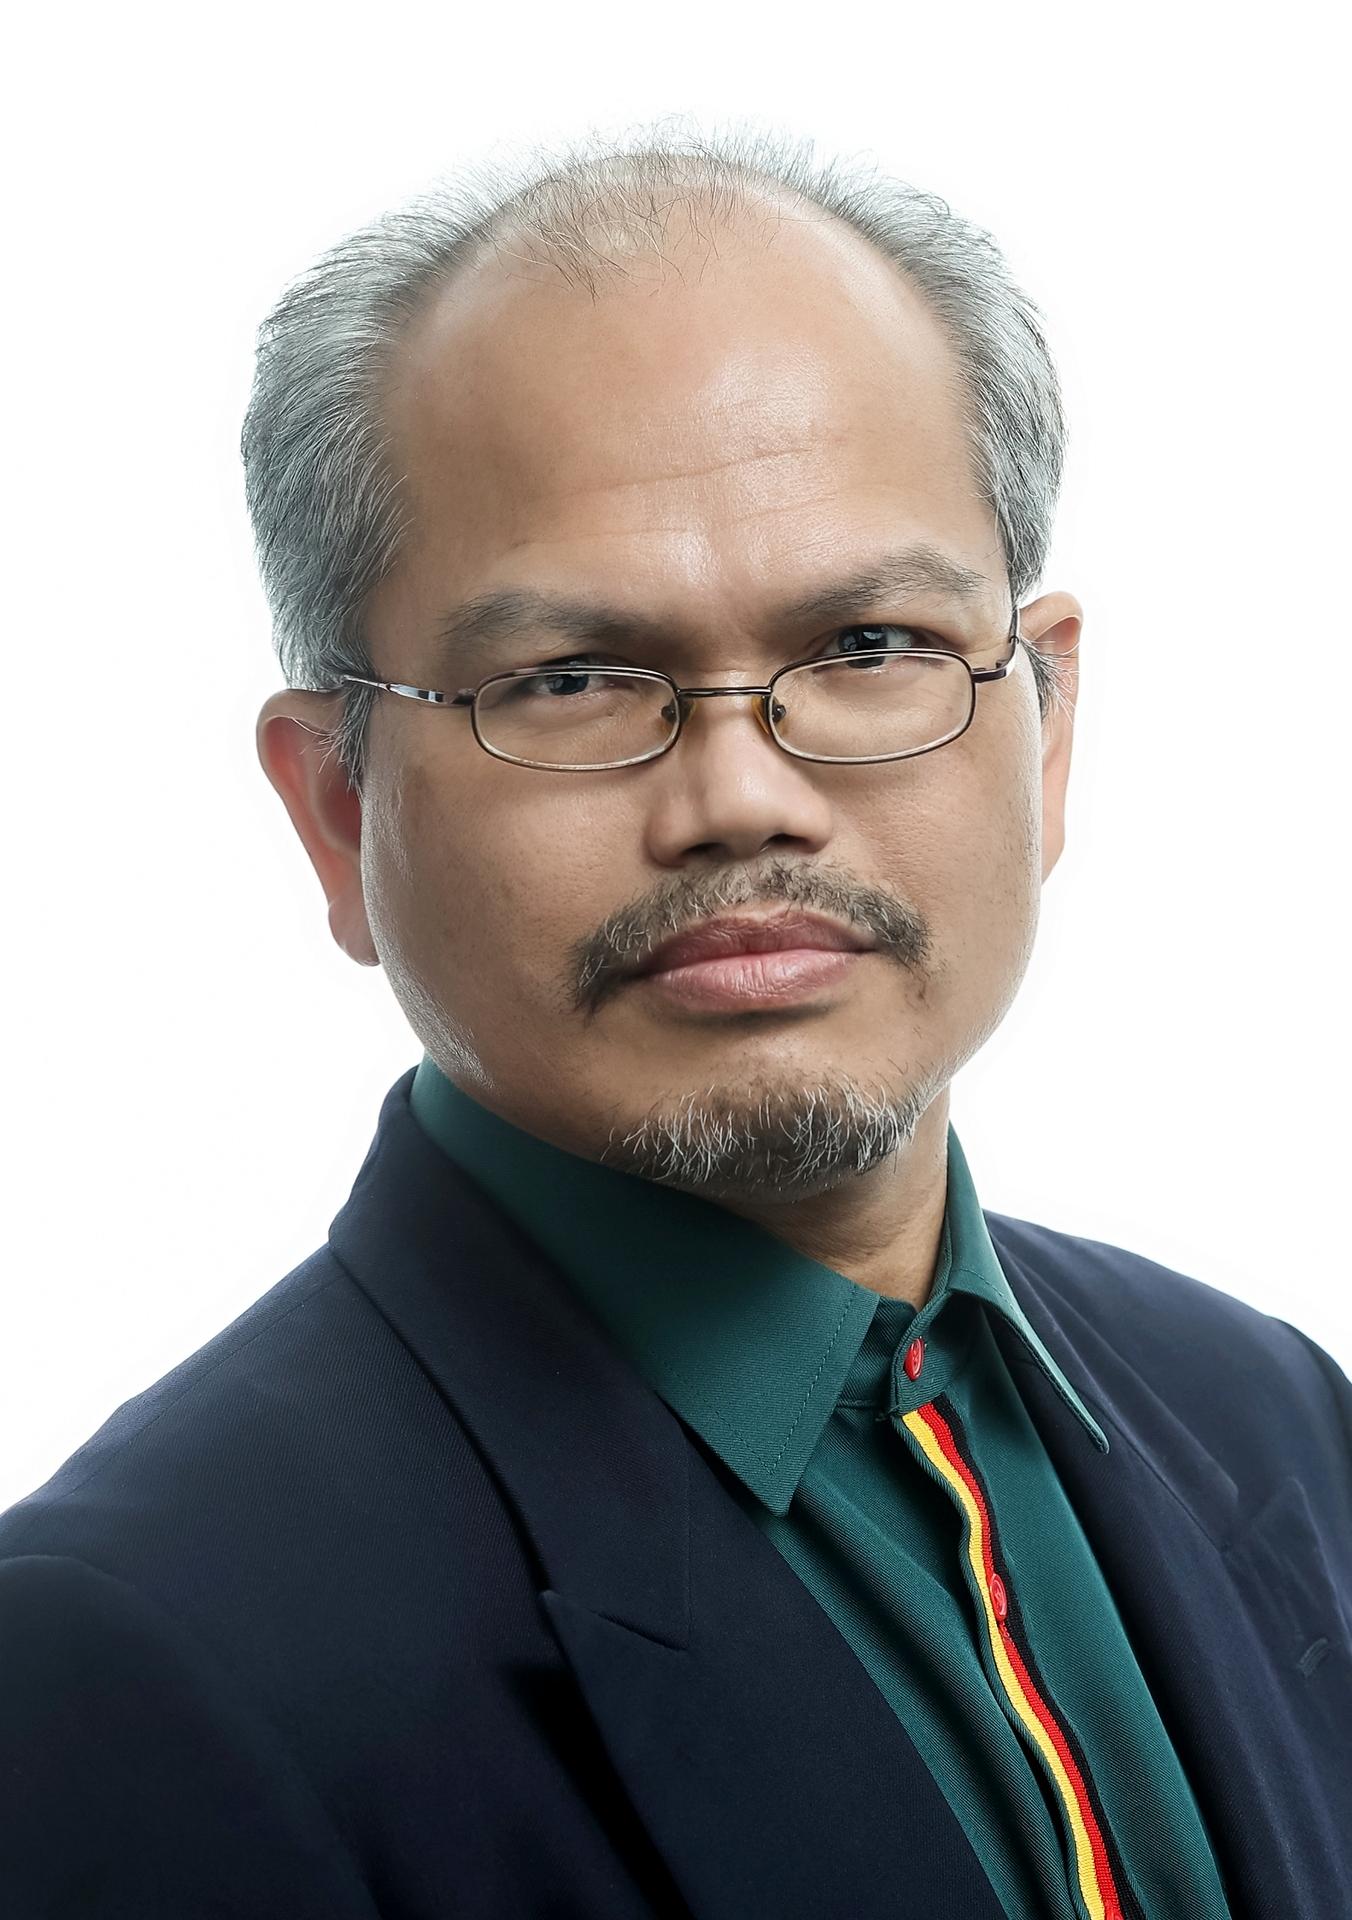 Dr. Nicholas Jenek